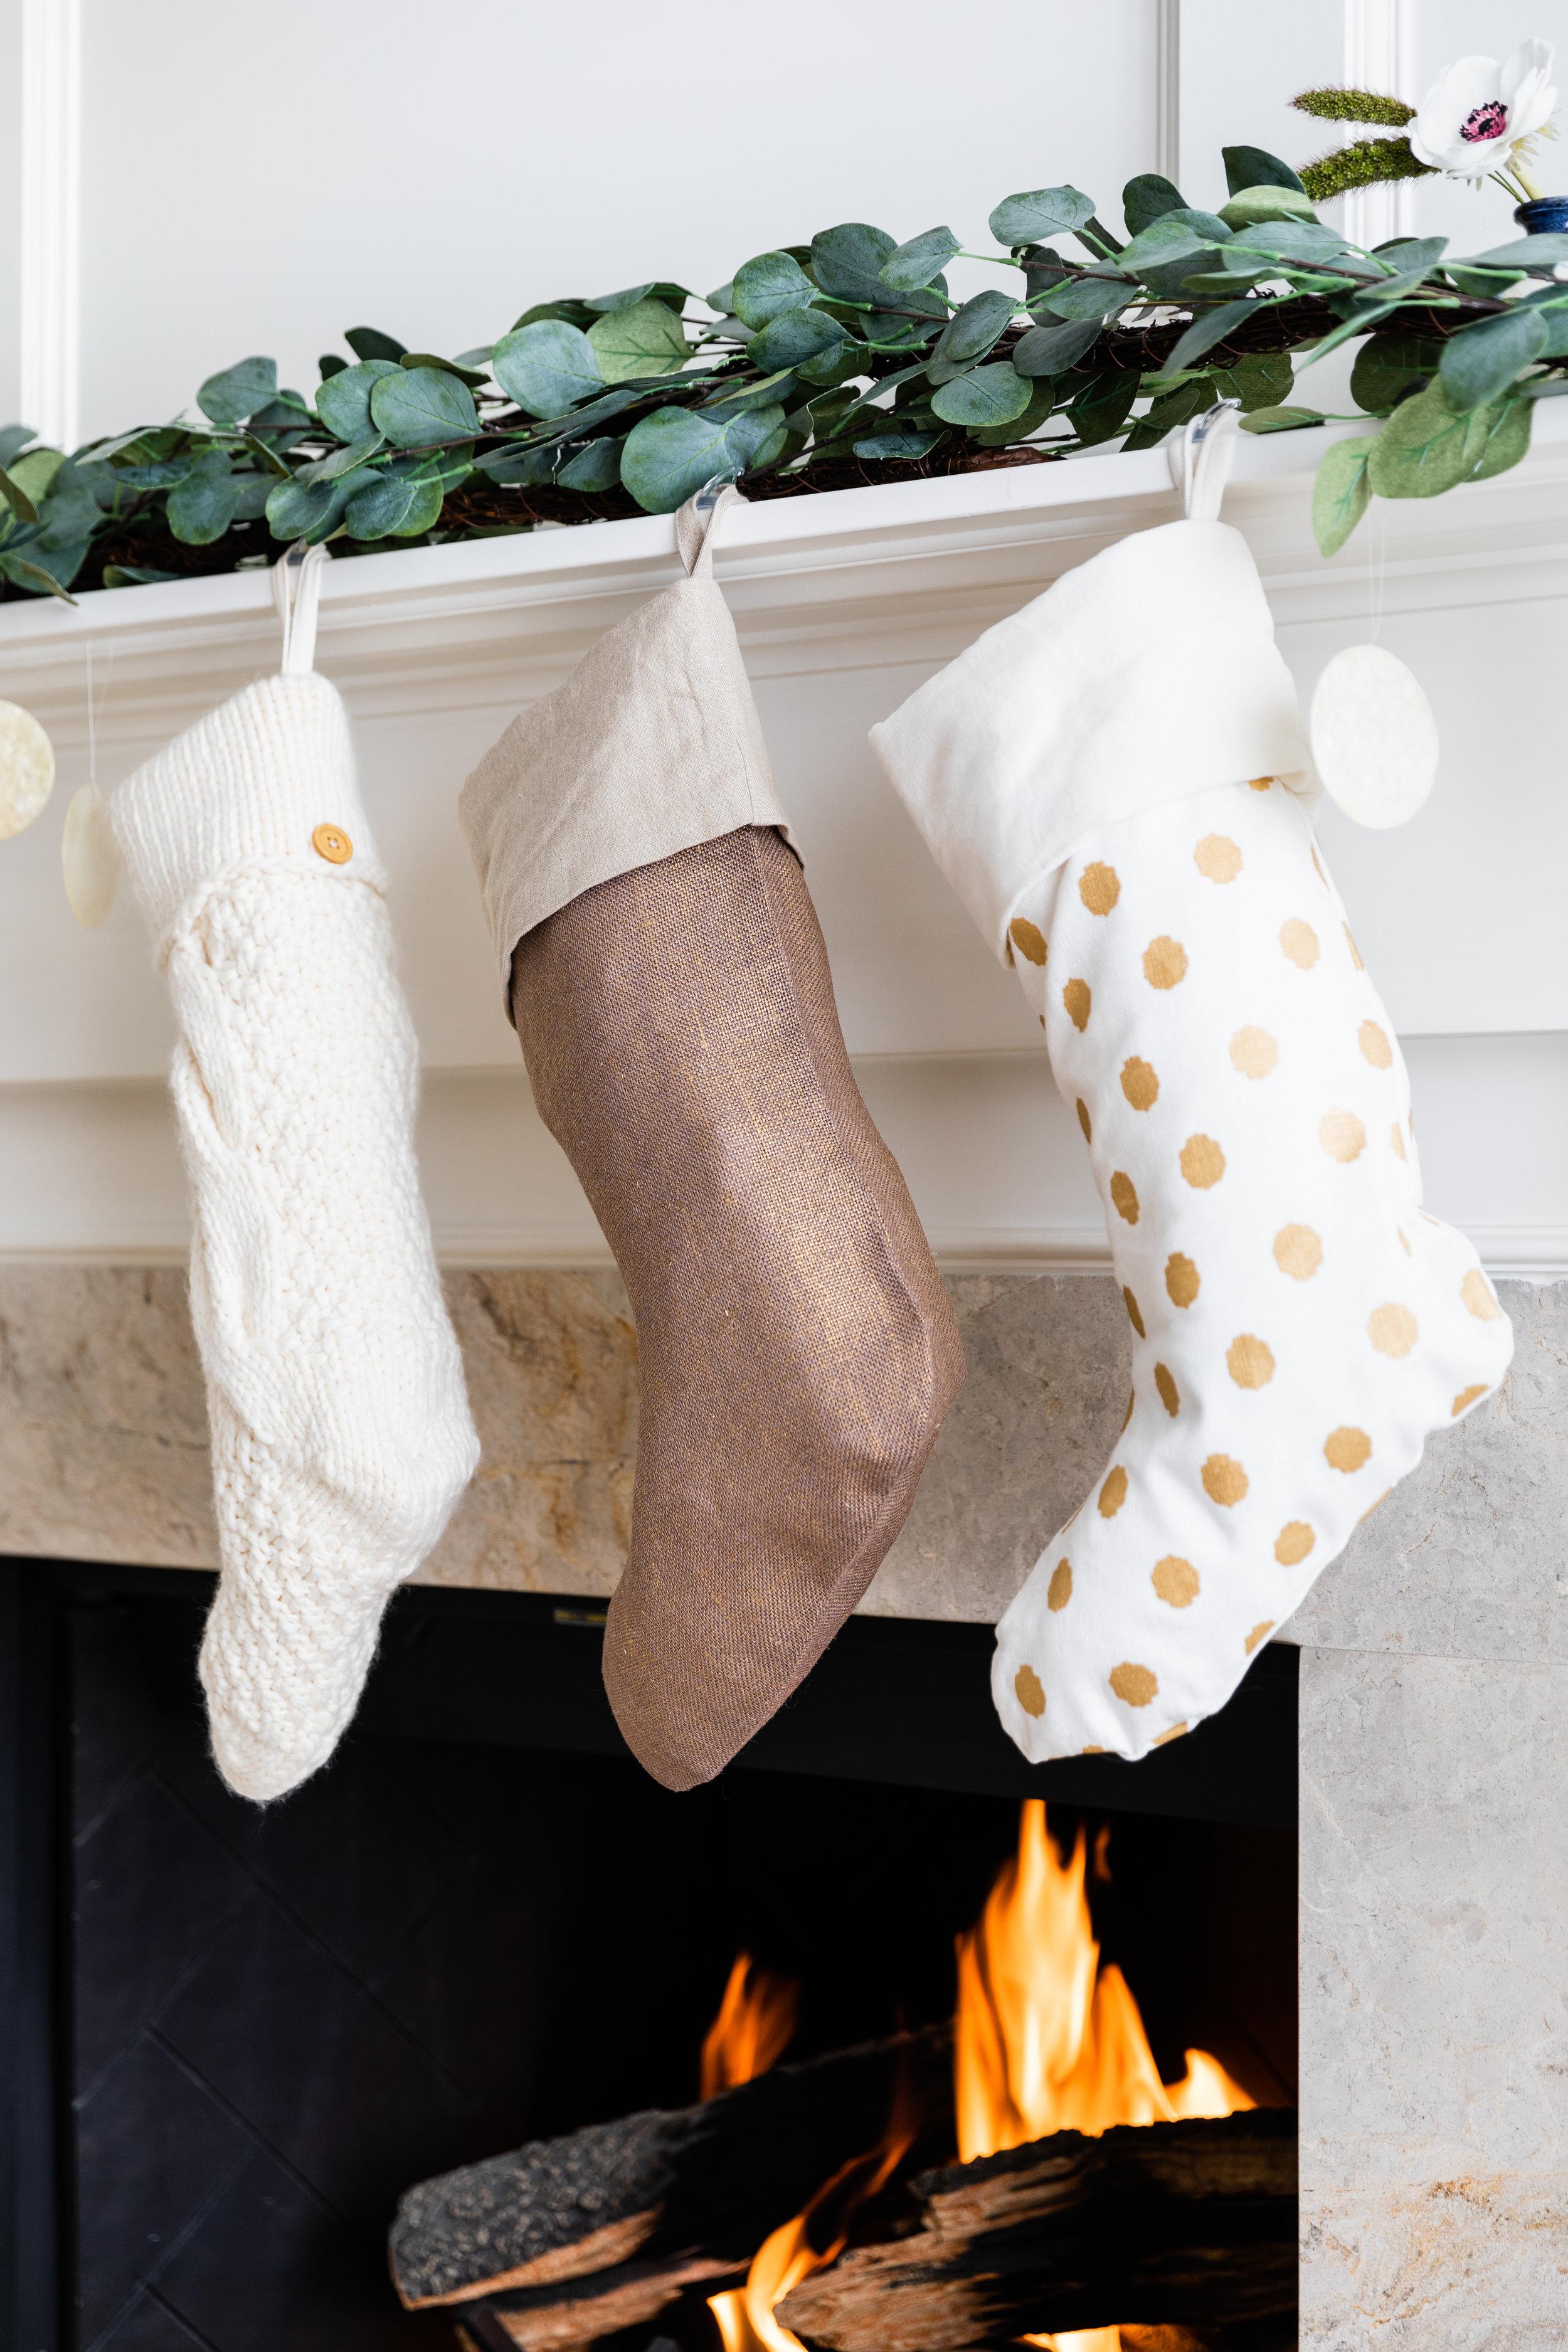 Pottery Barn Christmas stockings and garland hang on mantle.